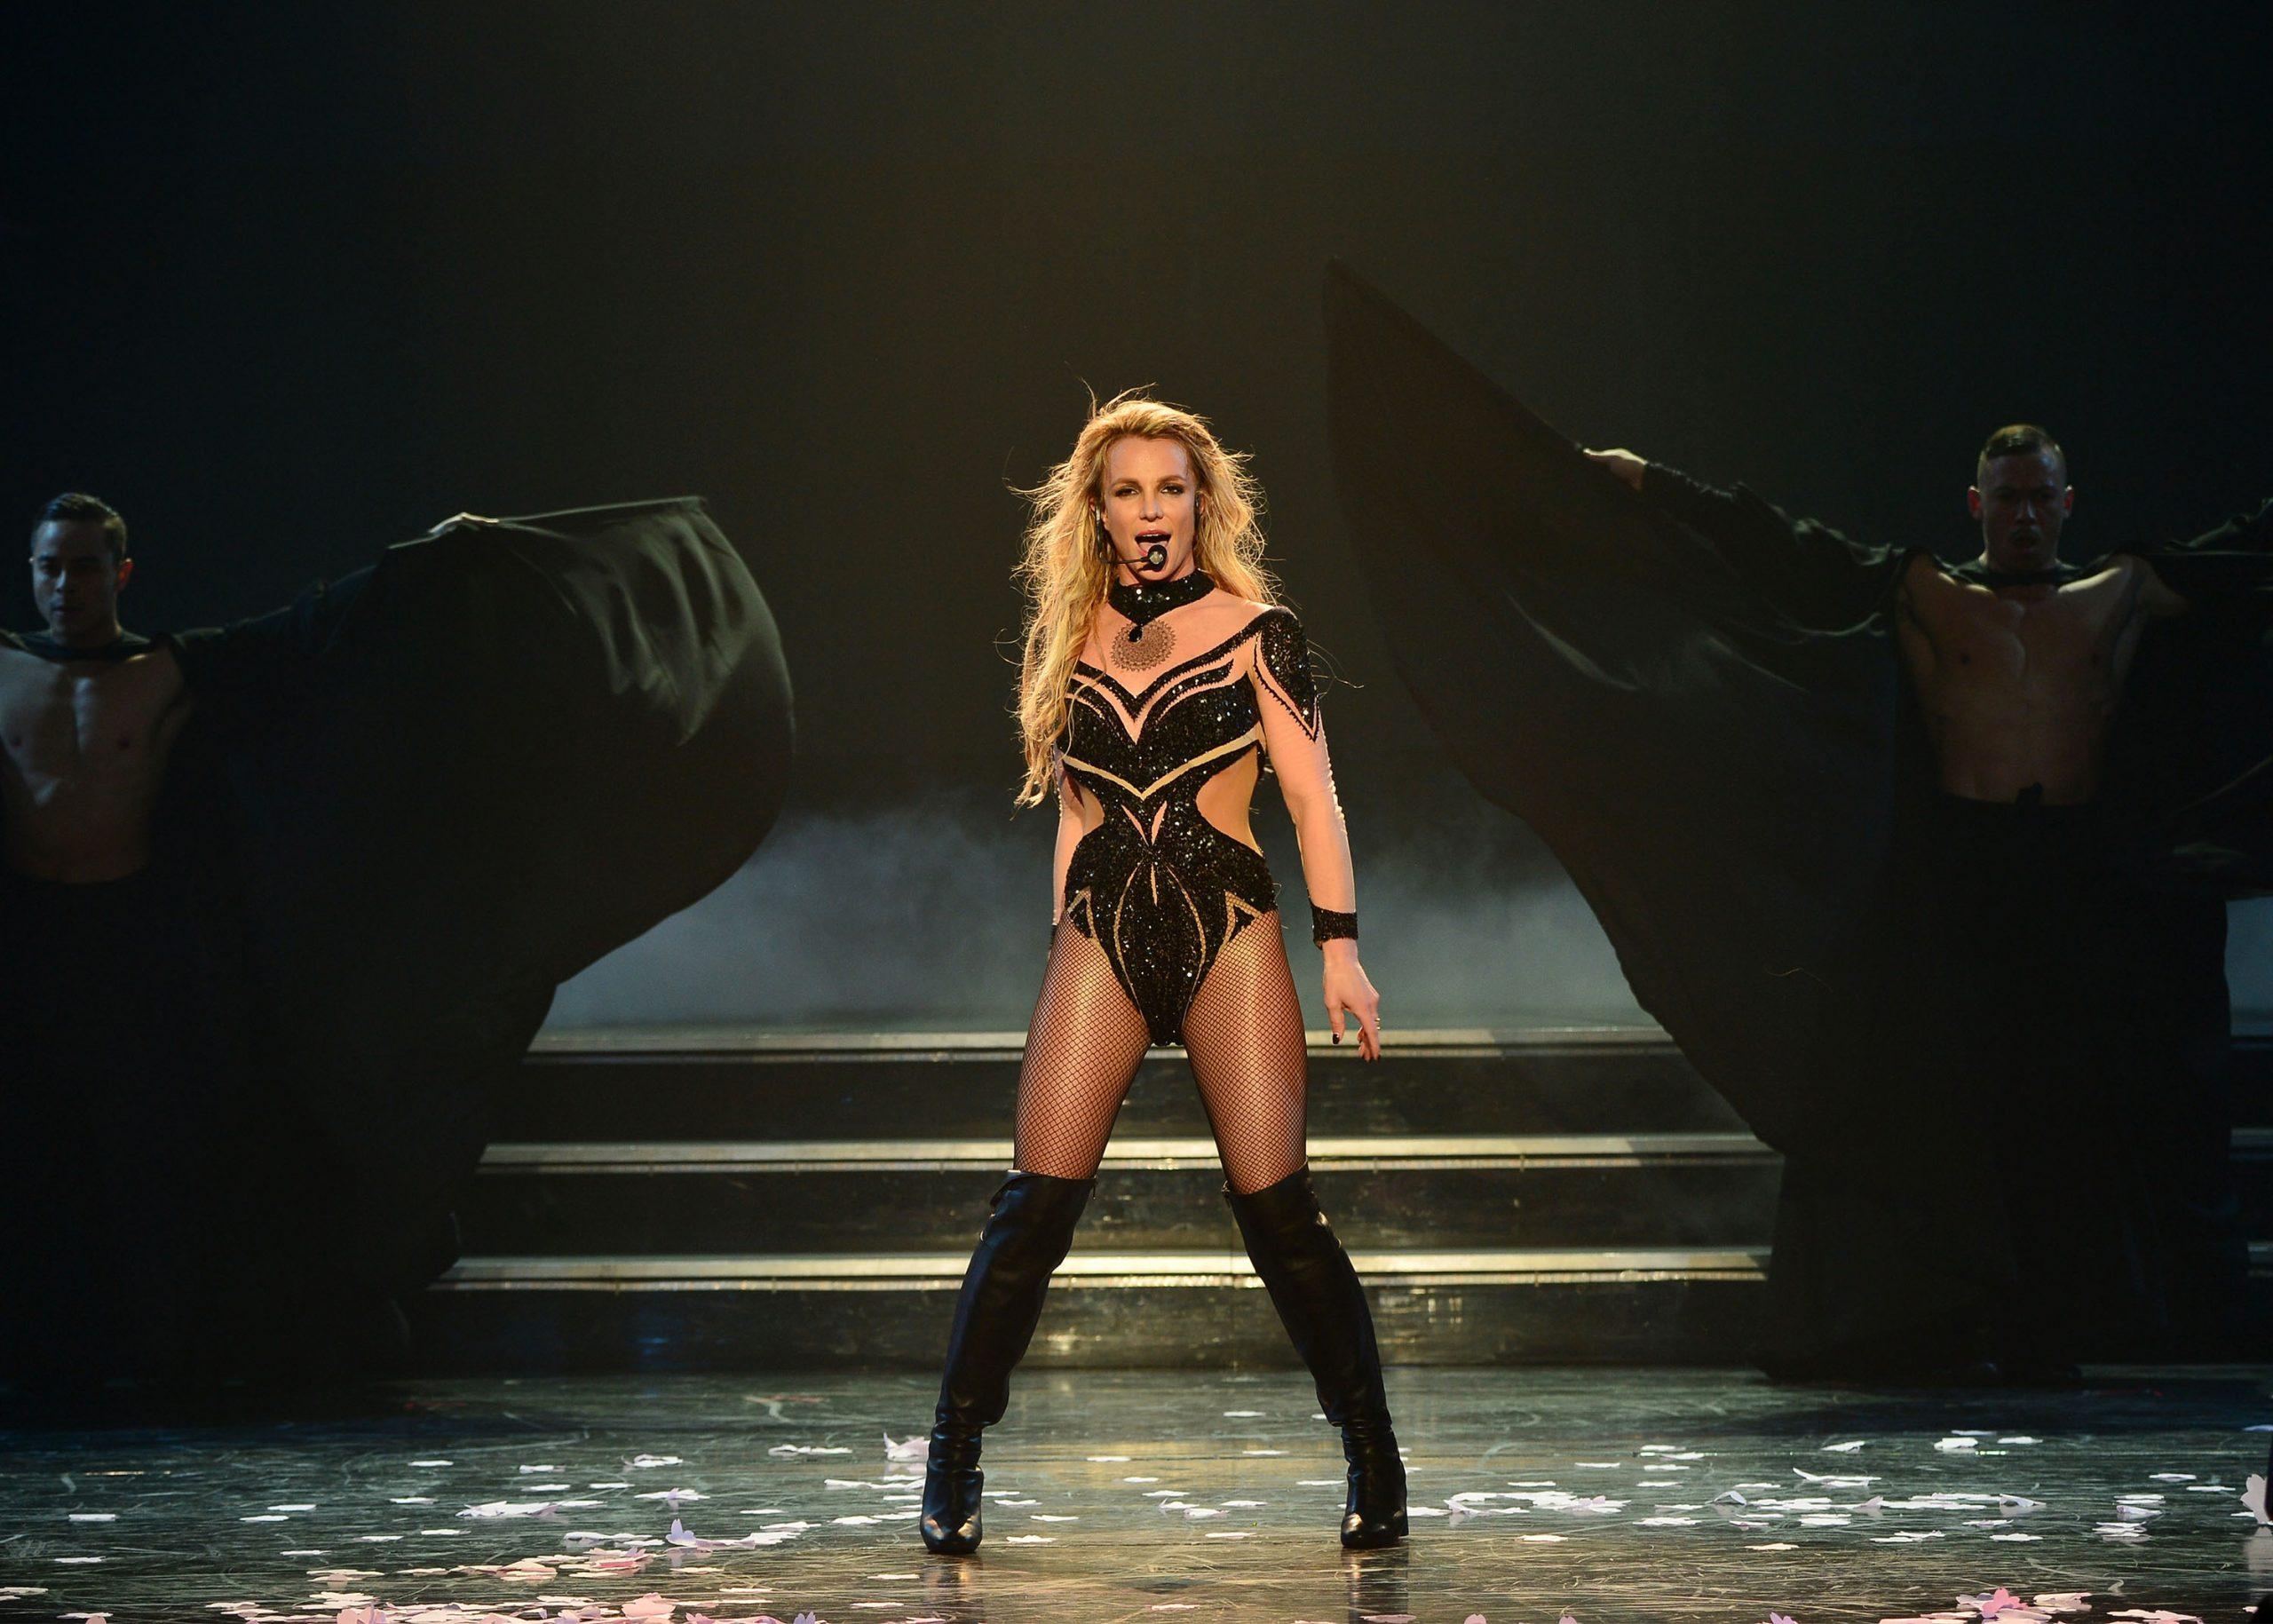 Britney performing during her Las Vegas residency